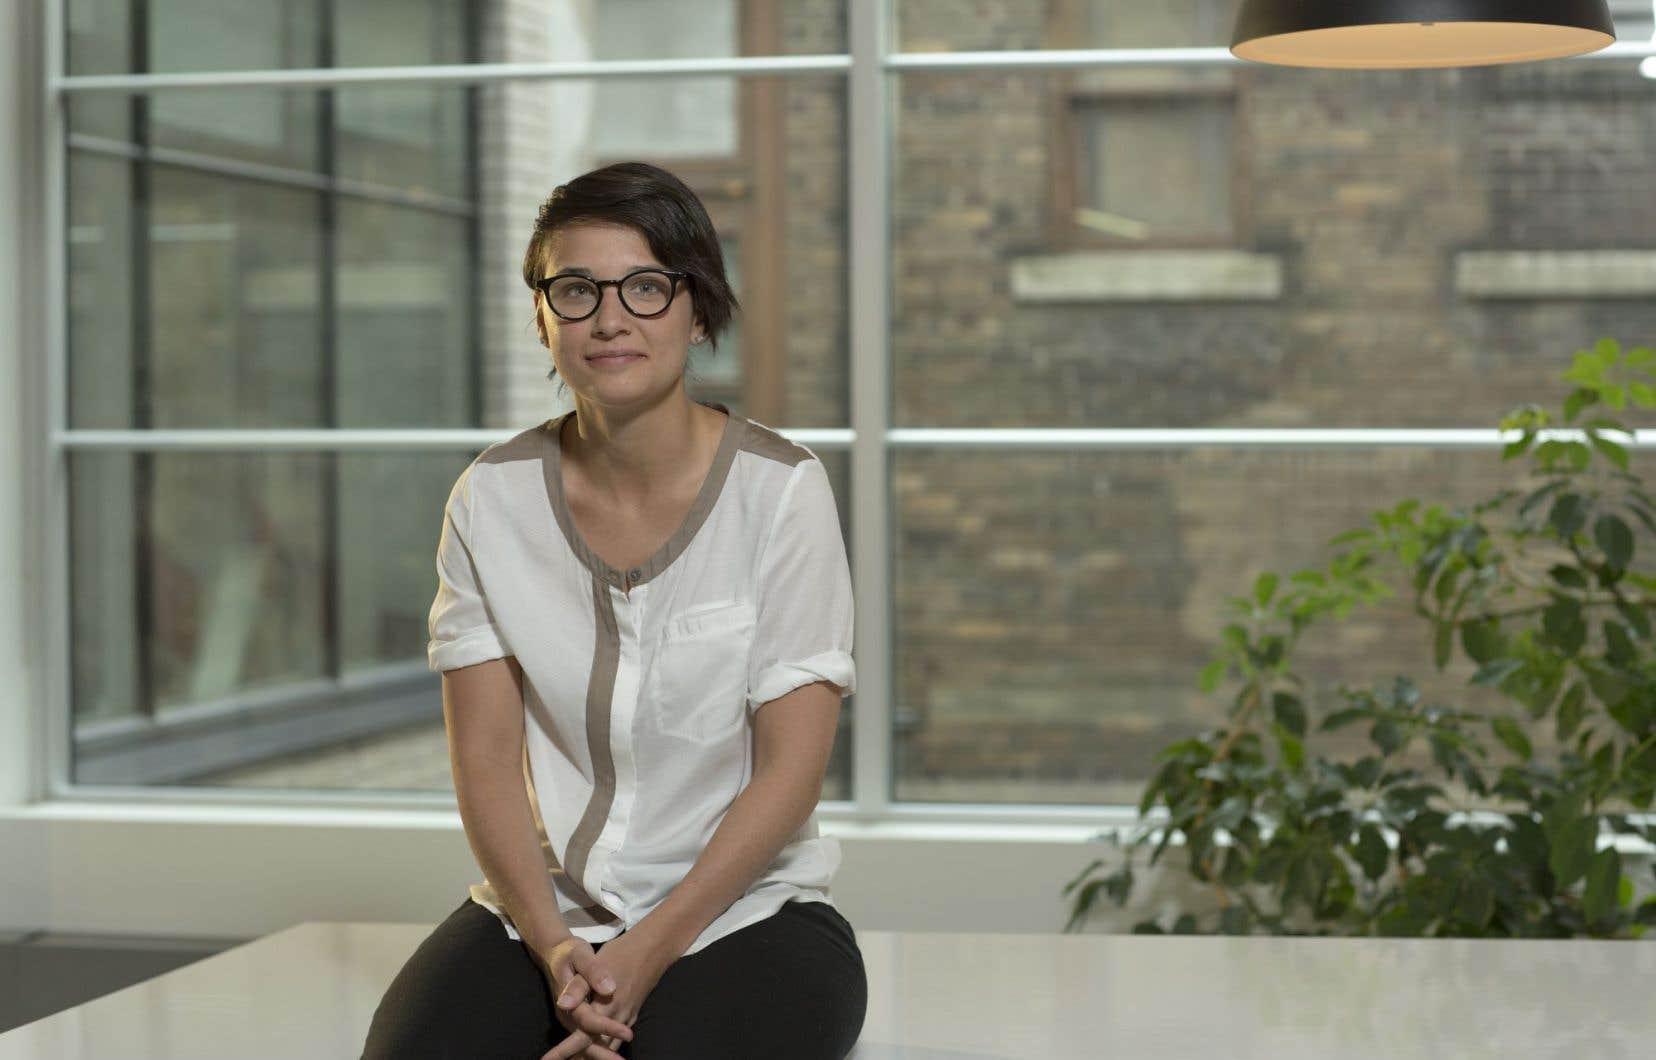 «Le but, c'est de parler de mon expérience, de mon passage du court au long métrage», affirme Chloé Robichaud au sujet de sa classe de maître.